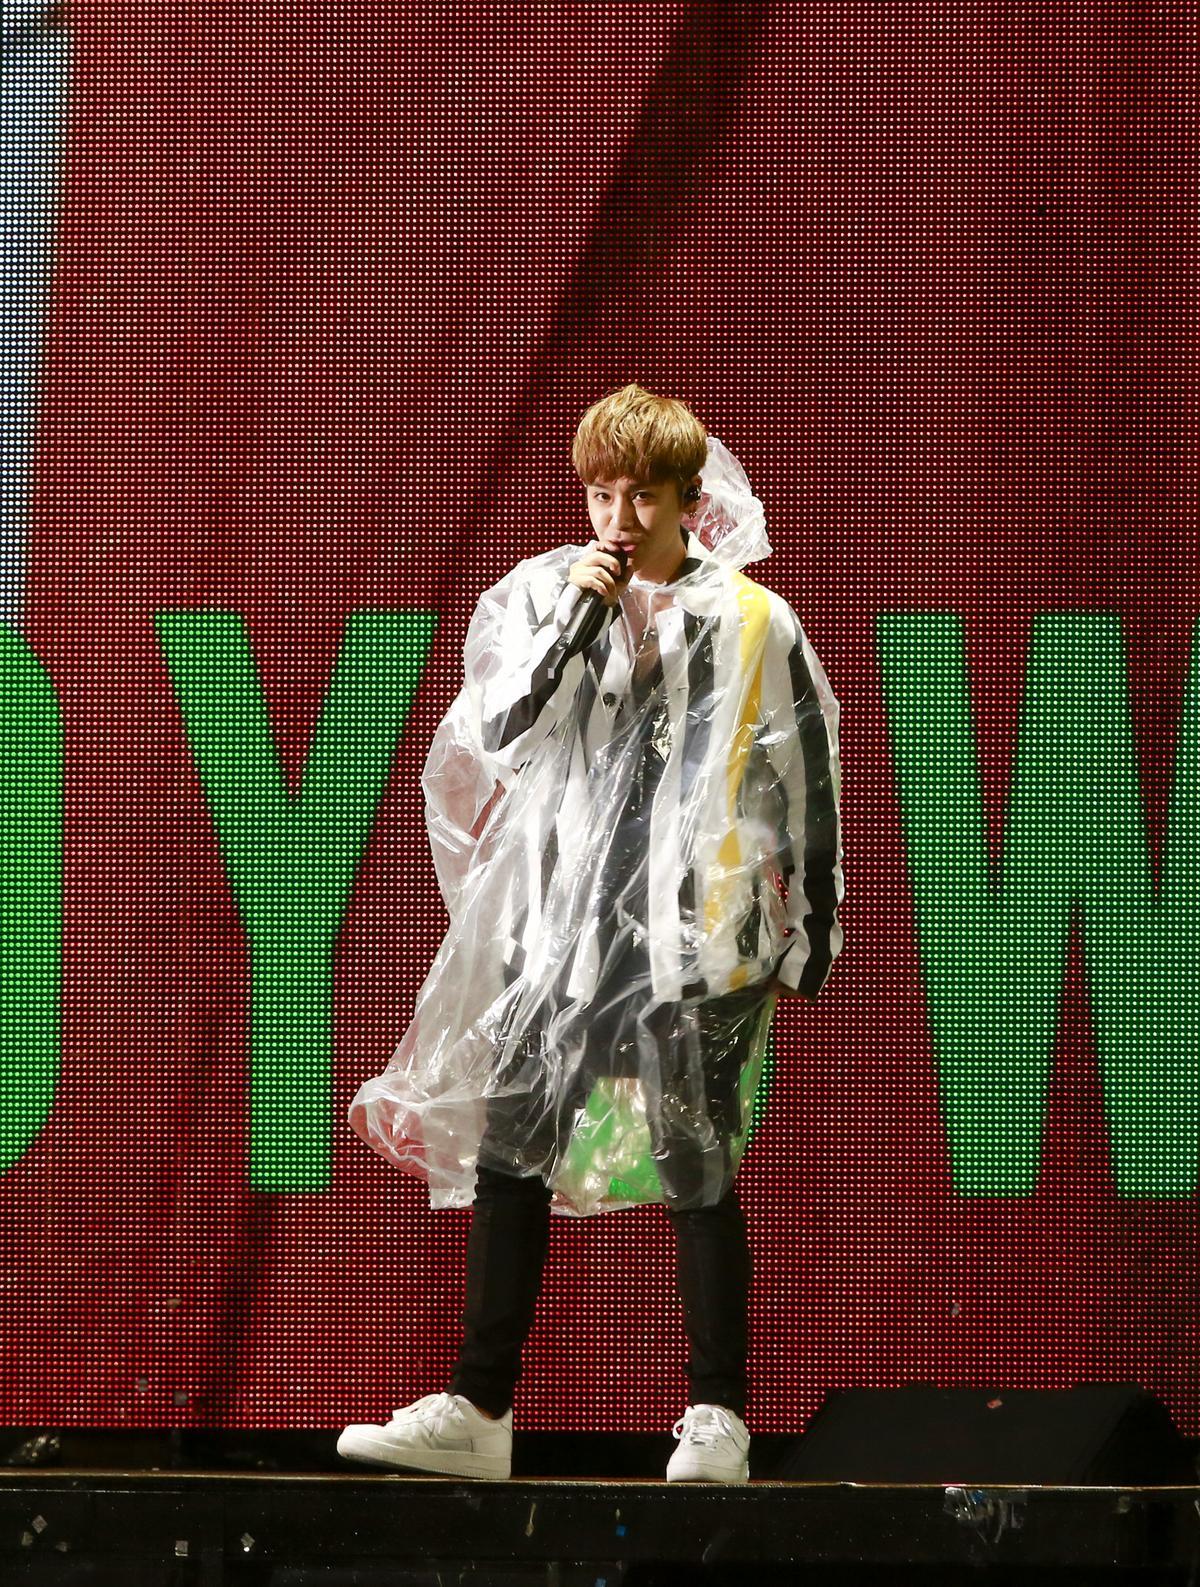 鼓鼓擔任開場嘉賓,特別在上海演唱會結束隔天回台助陣。